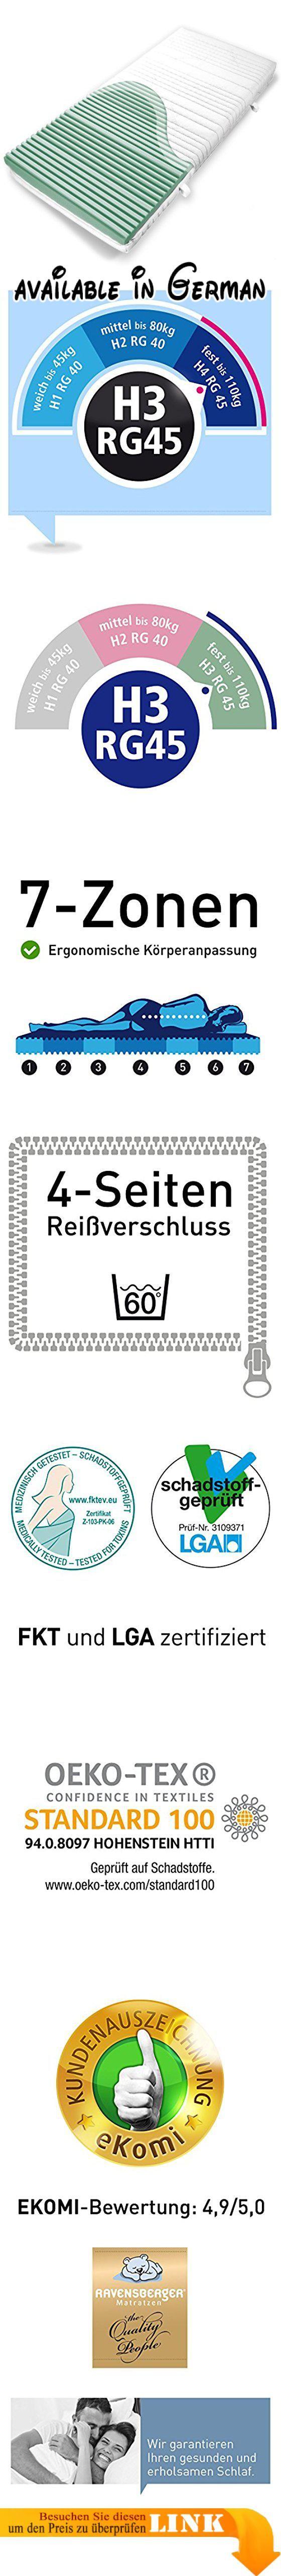 B00912KA2Q : Ravensberger Kaltschaummatratze Softwelle (80 x 190 cm) 7-Zonen Matratze (H3 Raumgewicht RG 40) Medicott-Bezug waschbar LGA und TÜV geprüft. Orthopädische hochelastische Kaltschaummatratze mit 7 Zonen (Höhe 17 cmKernhöhe 14cm). Medicott-Silverguard Bezug (ca. 320g/qm 36% Baumwolle/ 64% Polyester) leicht abnehmbar und bis 60C waschbar. Härtegrad H3 Raumgewicht RG 40. Hoch verträglich: Ideal für Allergiker und Babys geeignet. Herstellergarantie